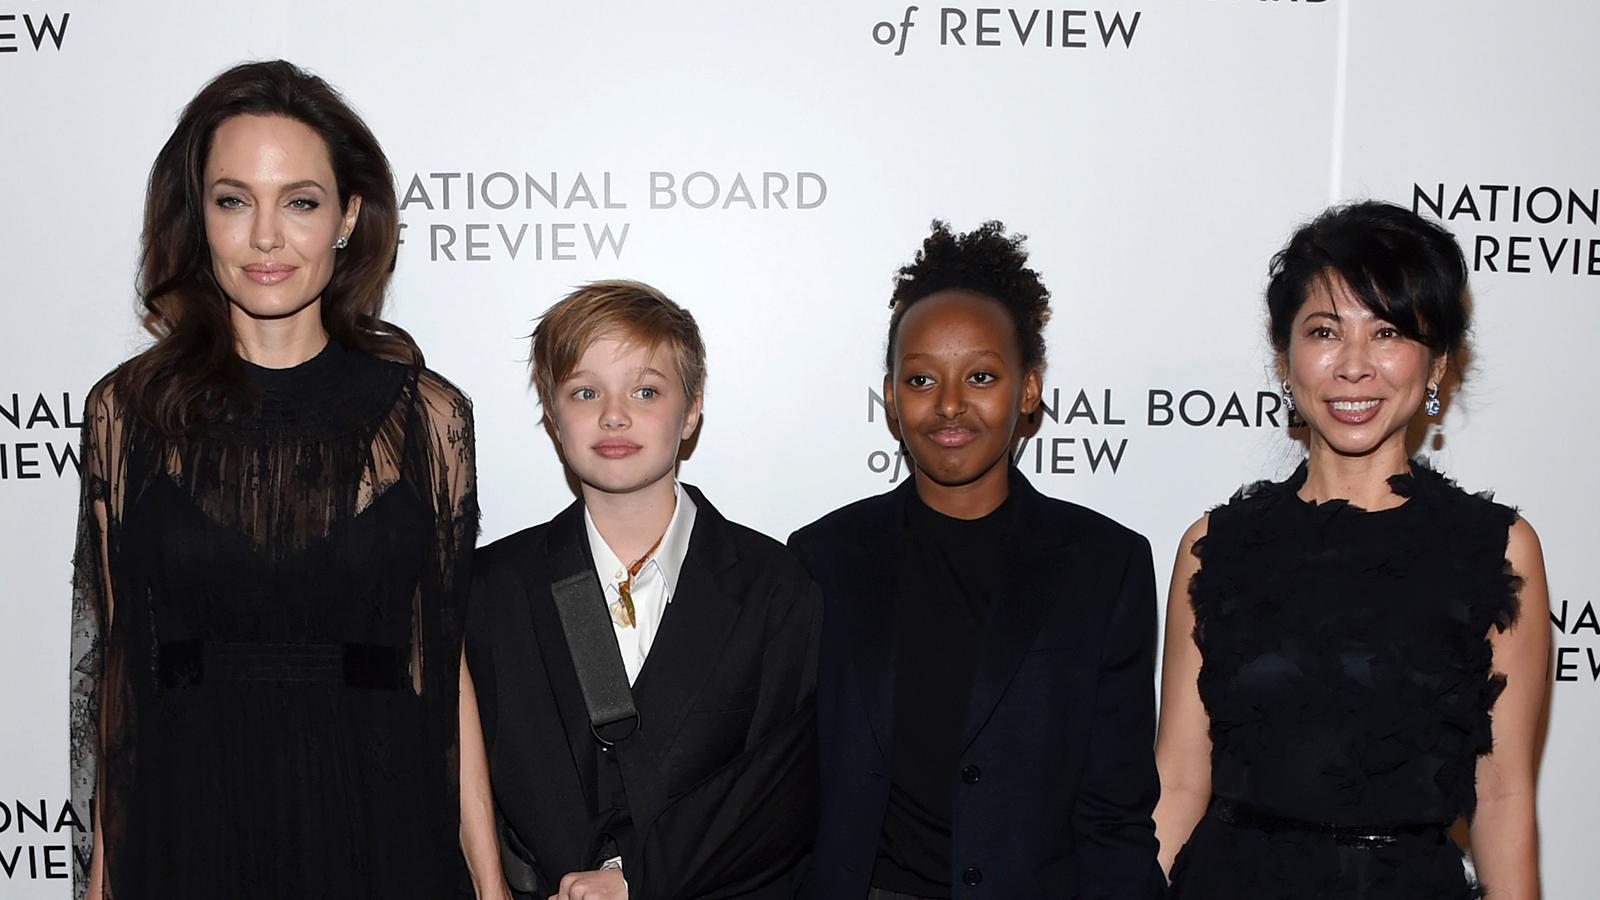 Angelina Jolie med barnen Shiloh Jolie-Pitt, Zahara Jolie-Pitt och Loung Ung vid en gala 2018.